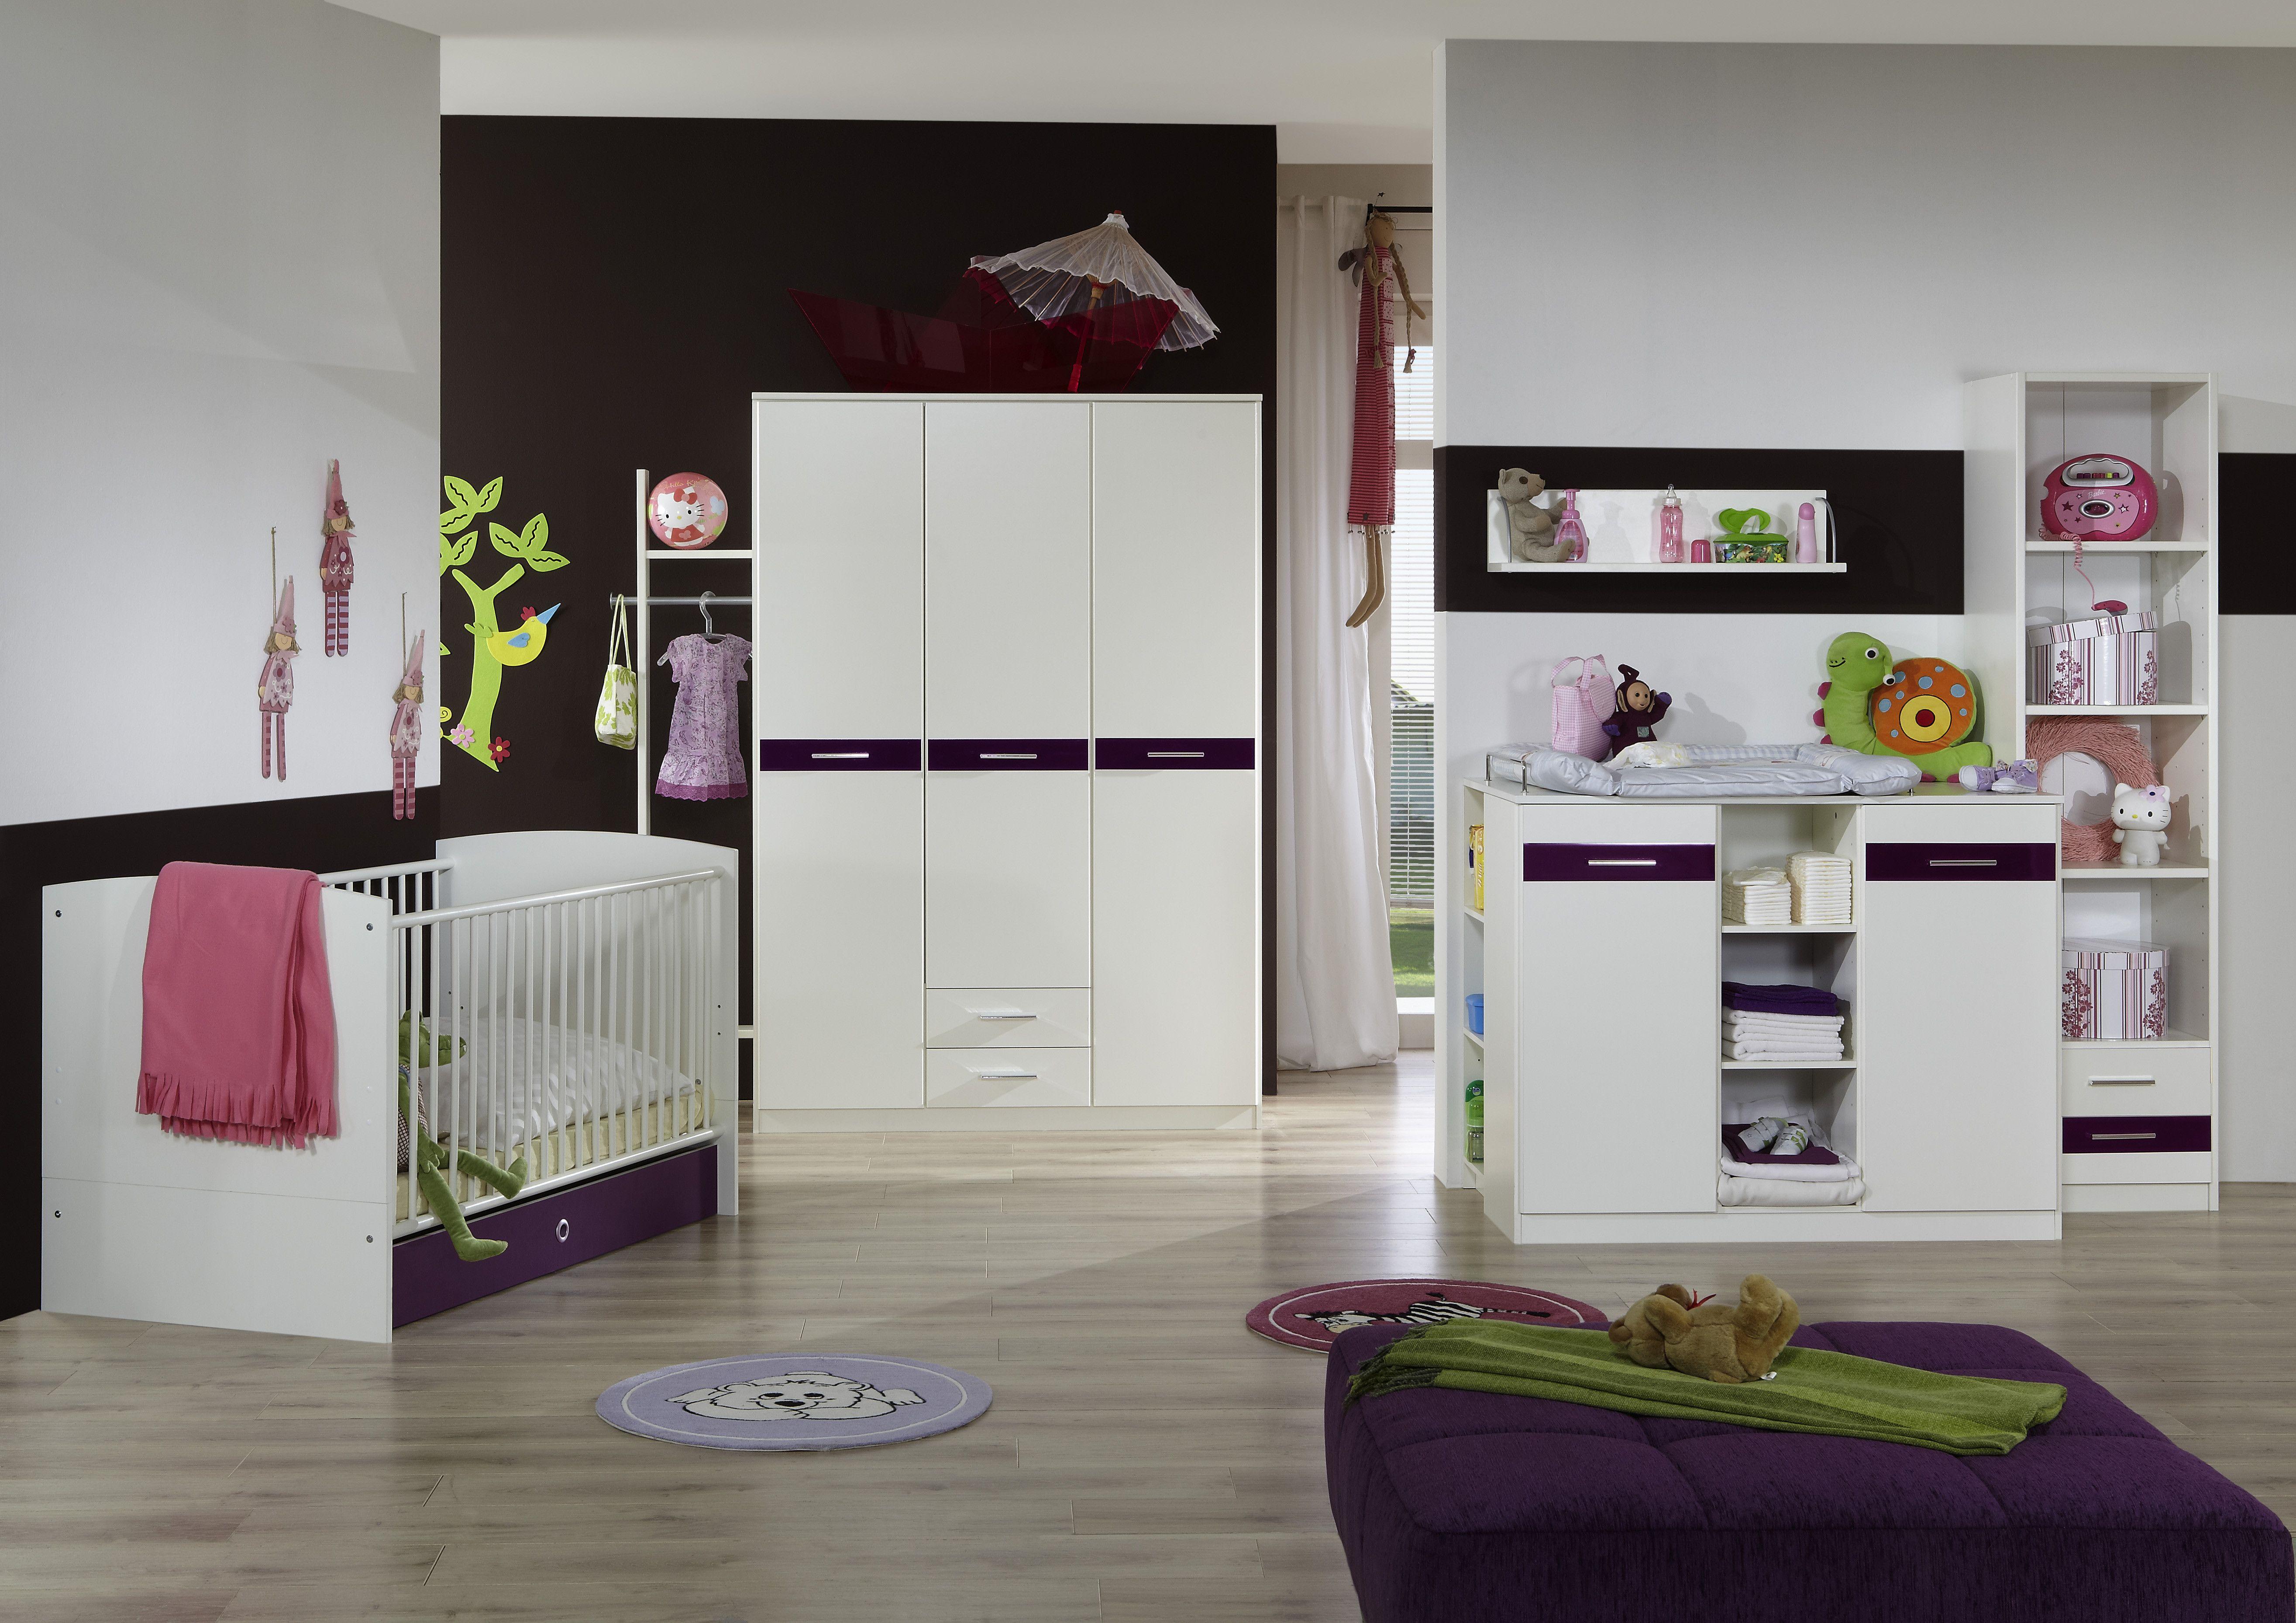 pin by ladendirekt on kinderbetten babyzimmer m bel babyzimmer kinderbett. Black Bedroom Furniture Sets. Home Design Ideas